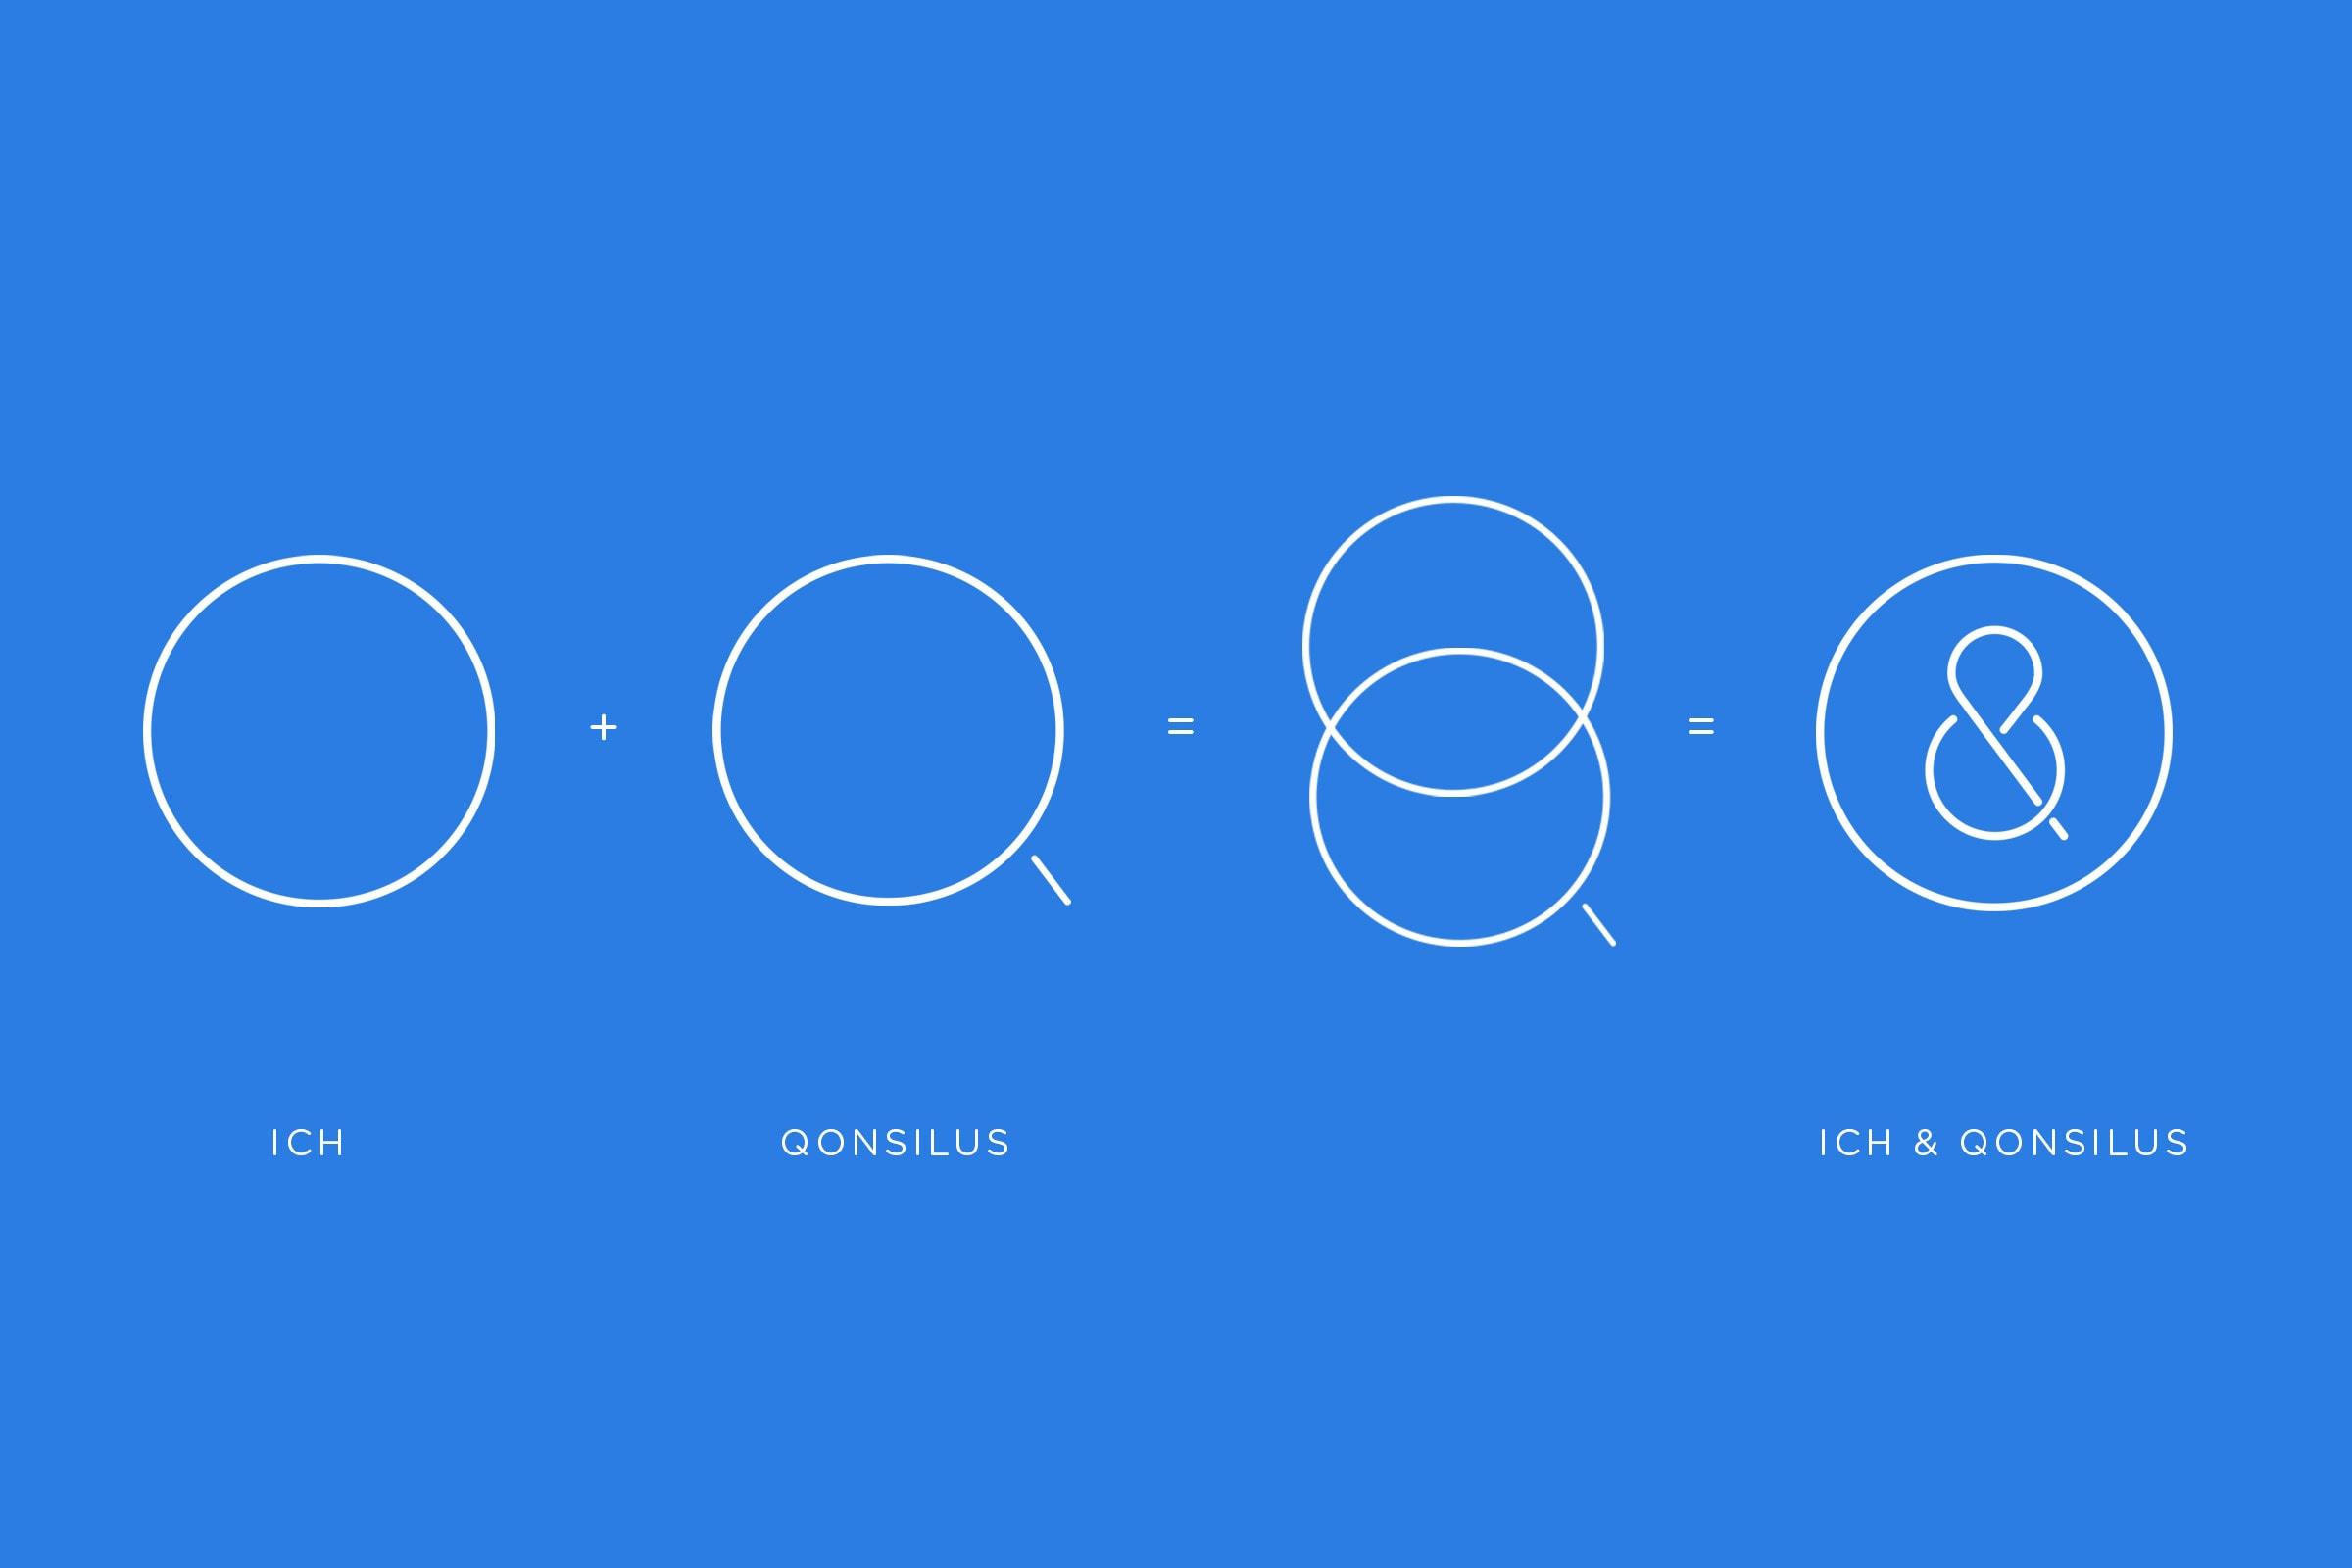 Qonsilus, Logo Design